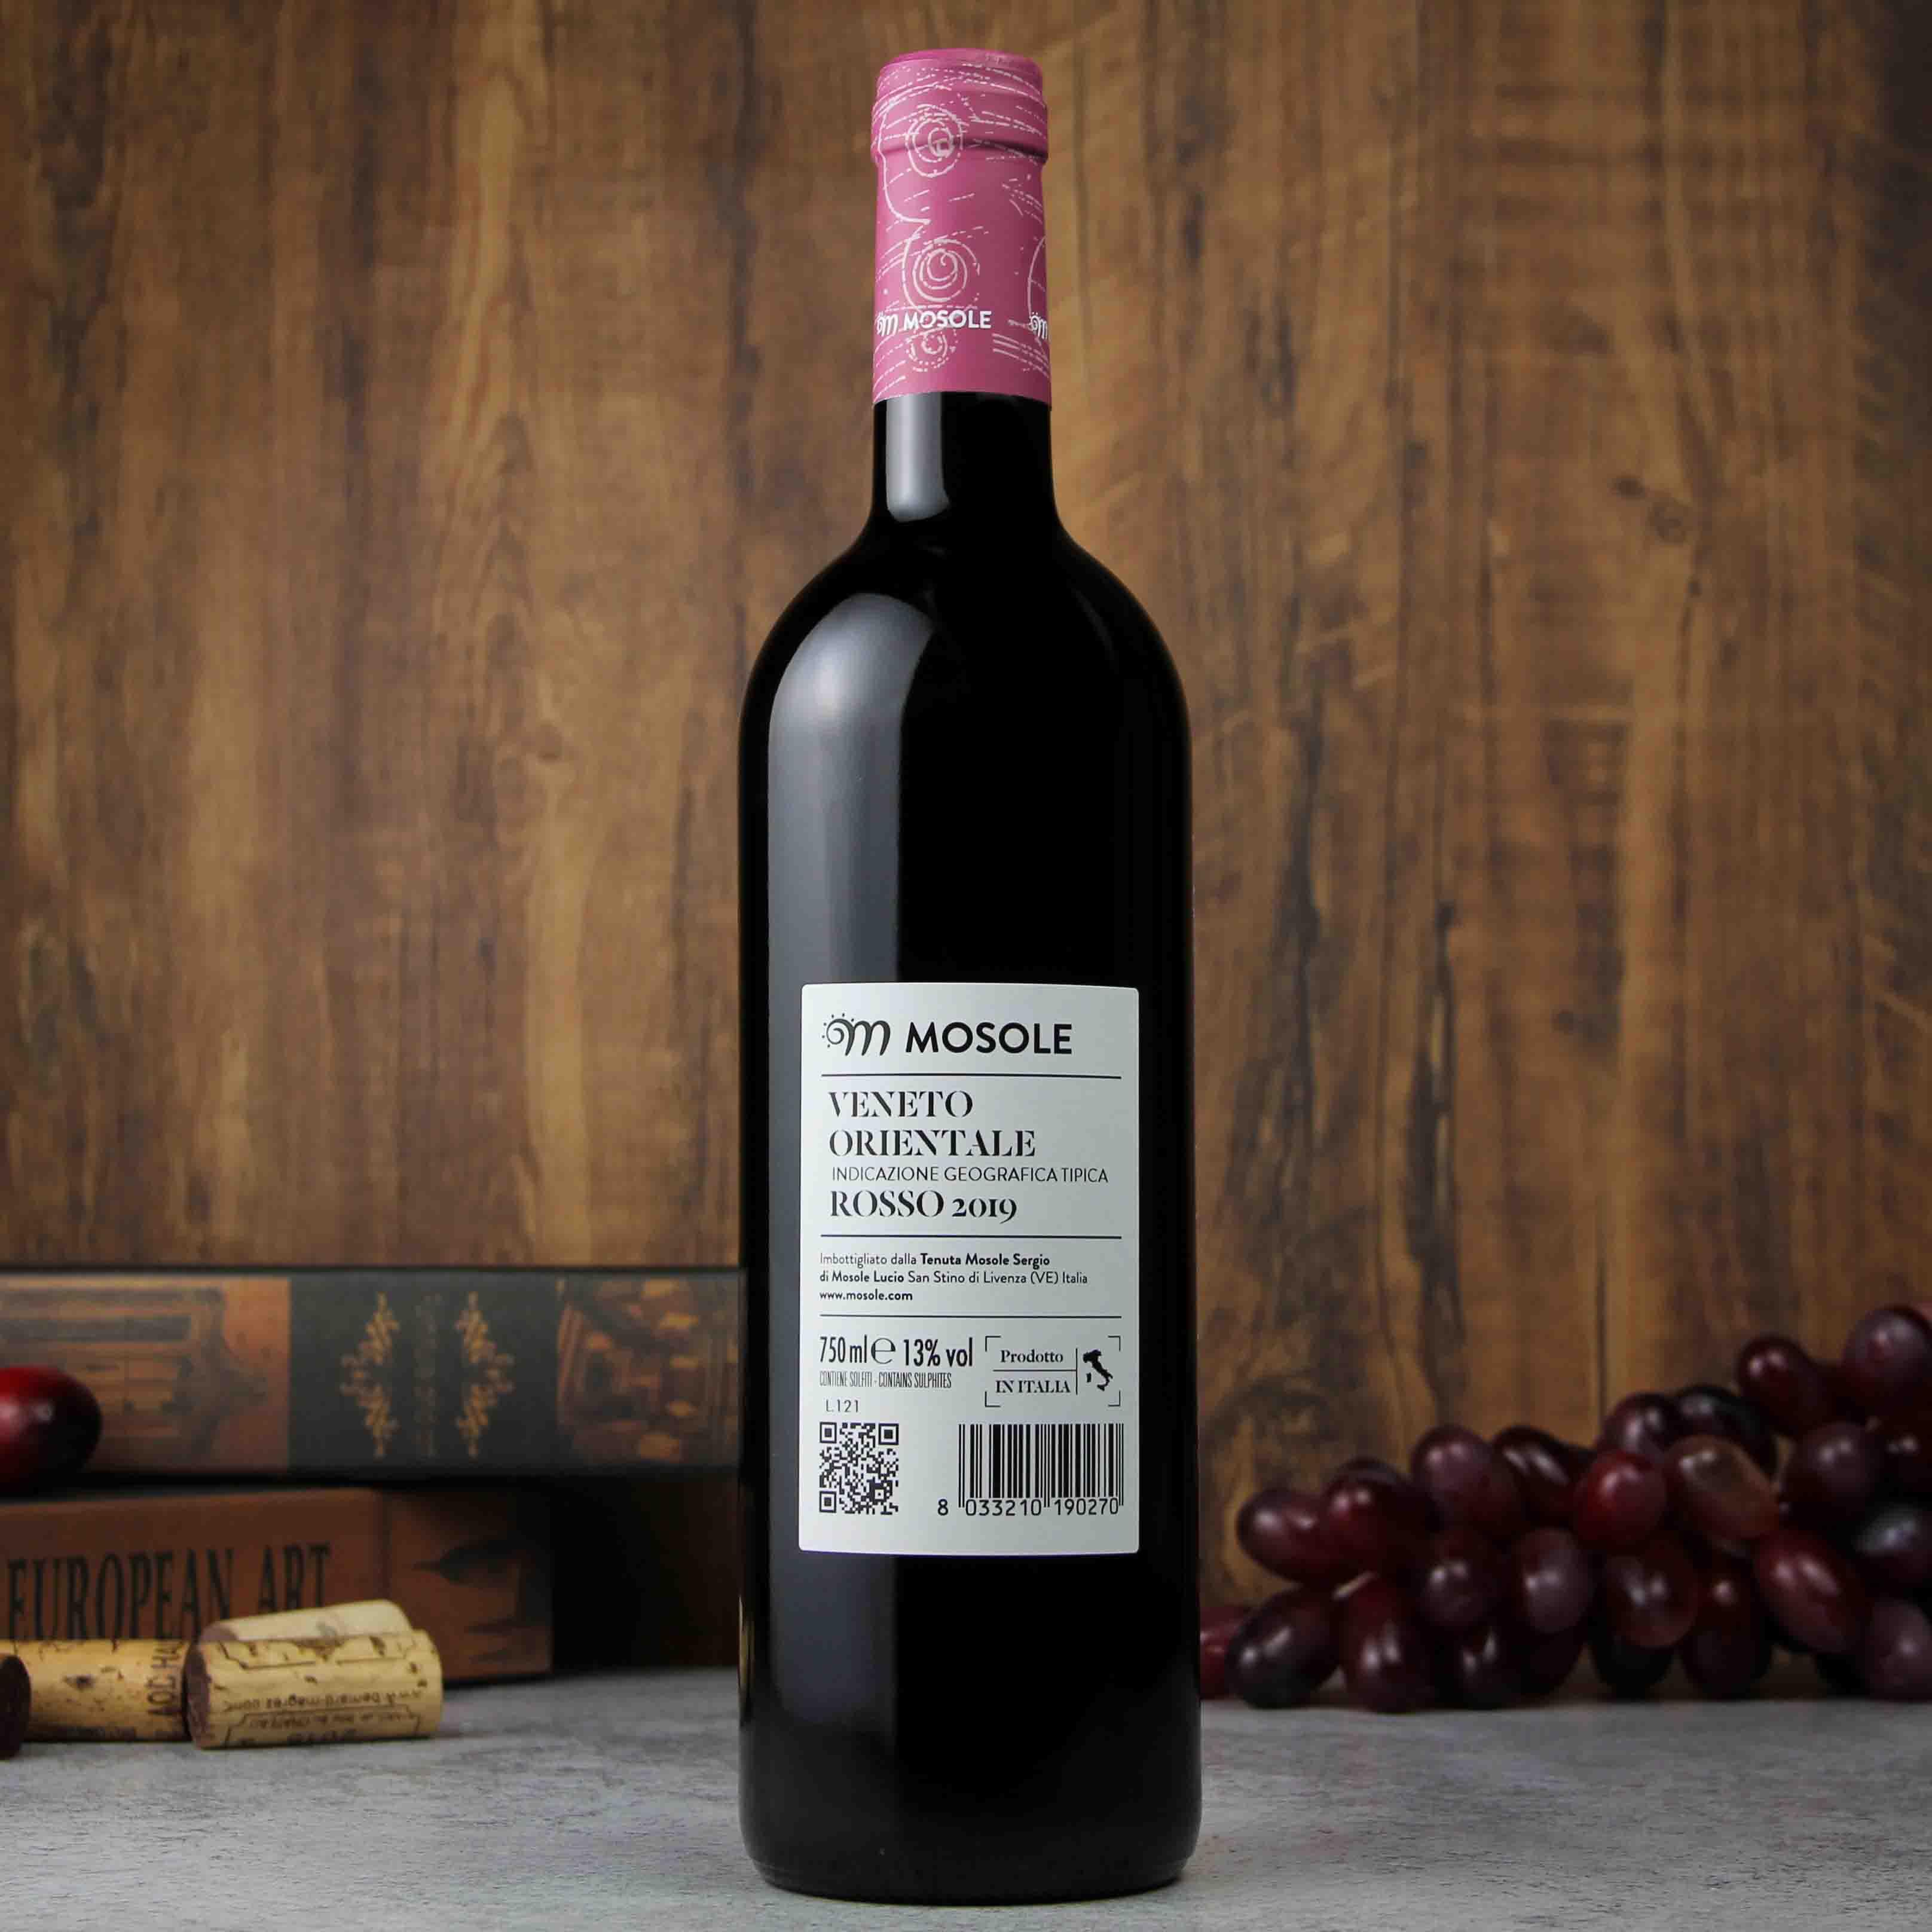 意大利威尼托幻影33干葡萄酒